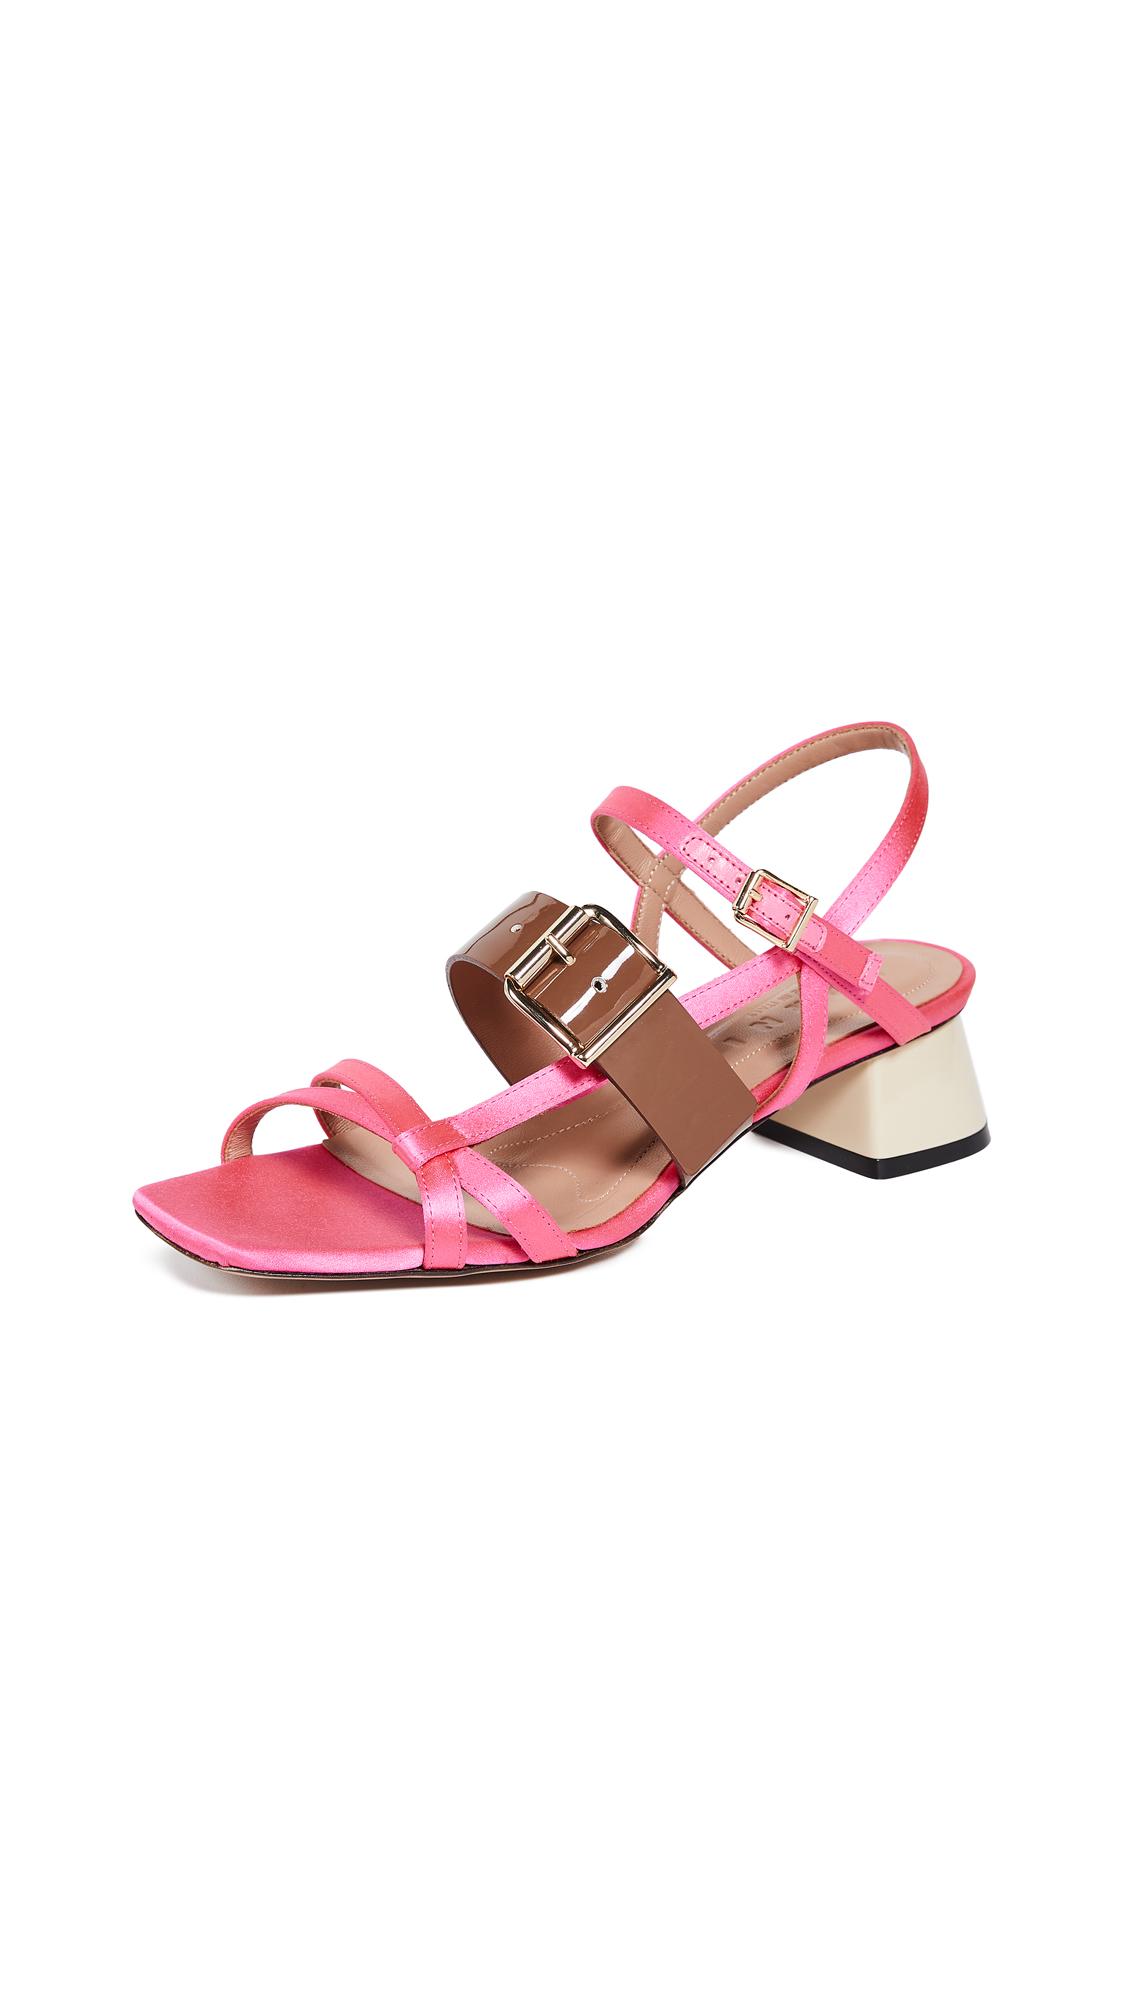 Marni Mid Heel Sandals - Candy/Marmot